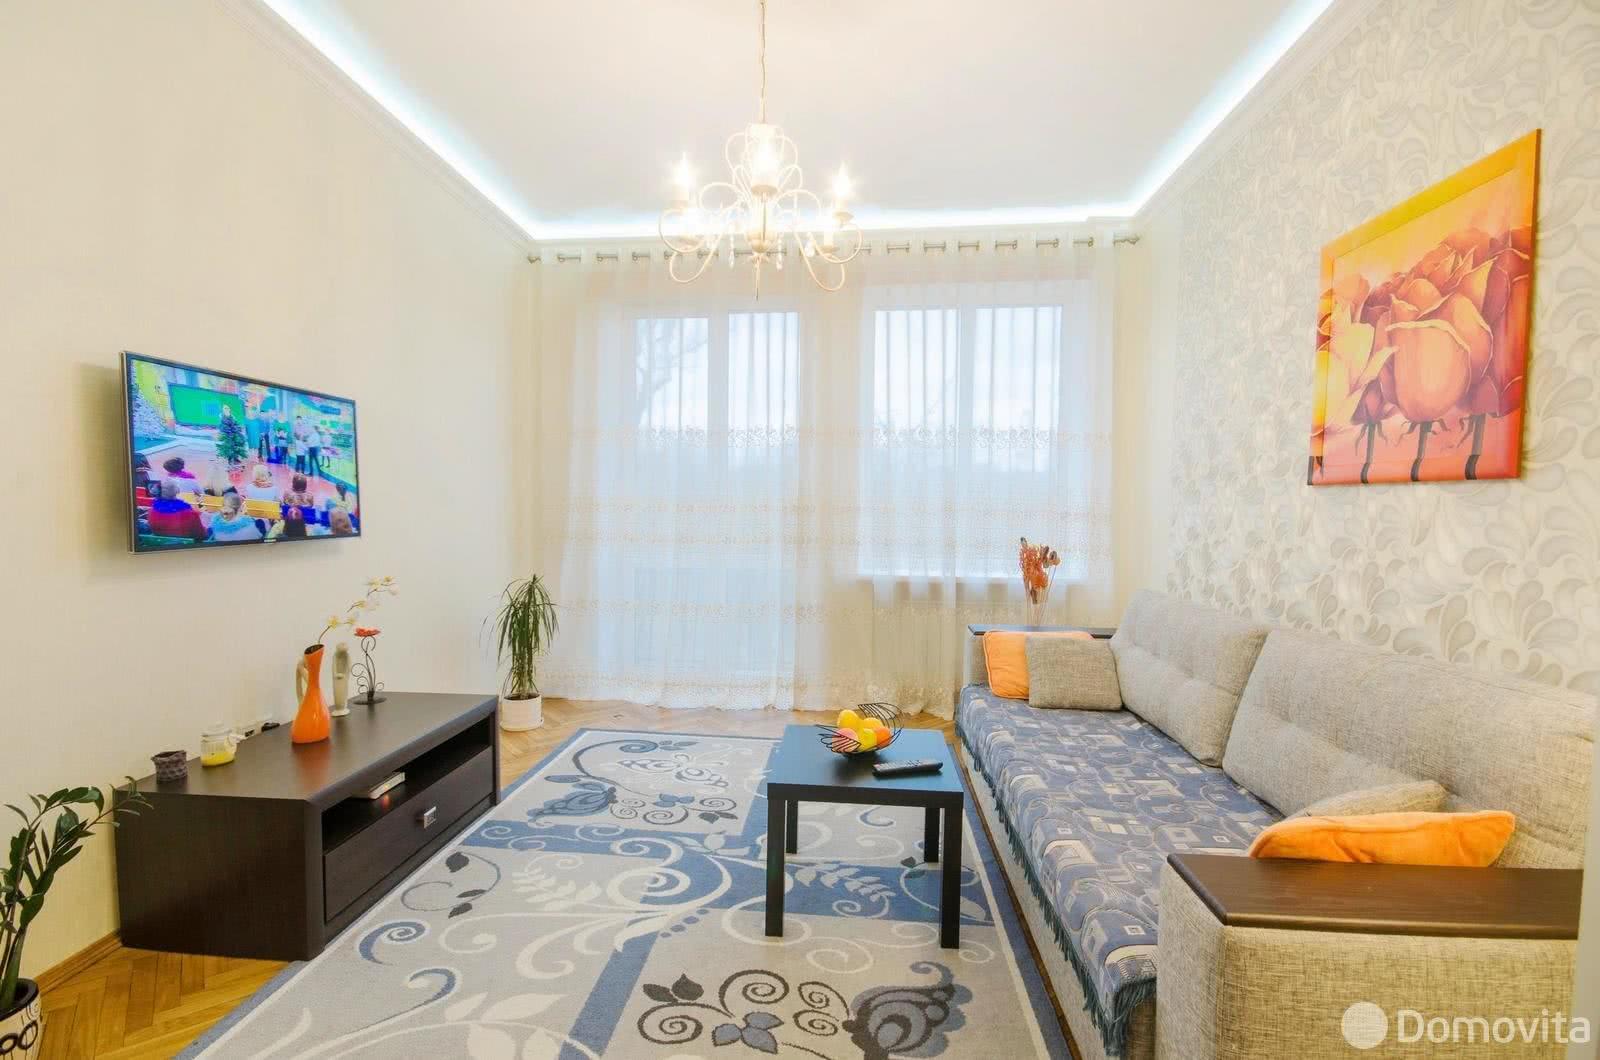 Аренда 2-комнатной квартиры на сутки в Минске, ул. Янки Купалы, д. 11 - фото 1